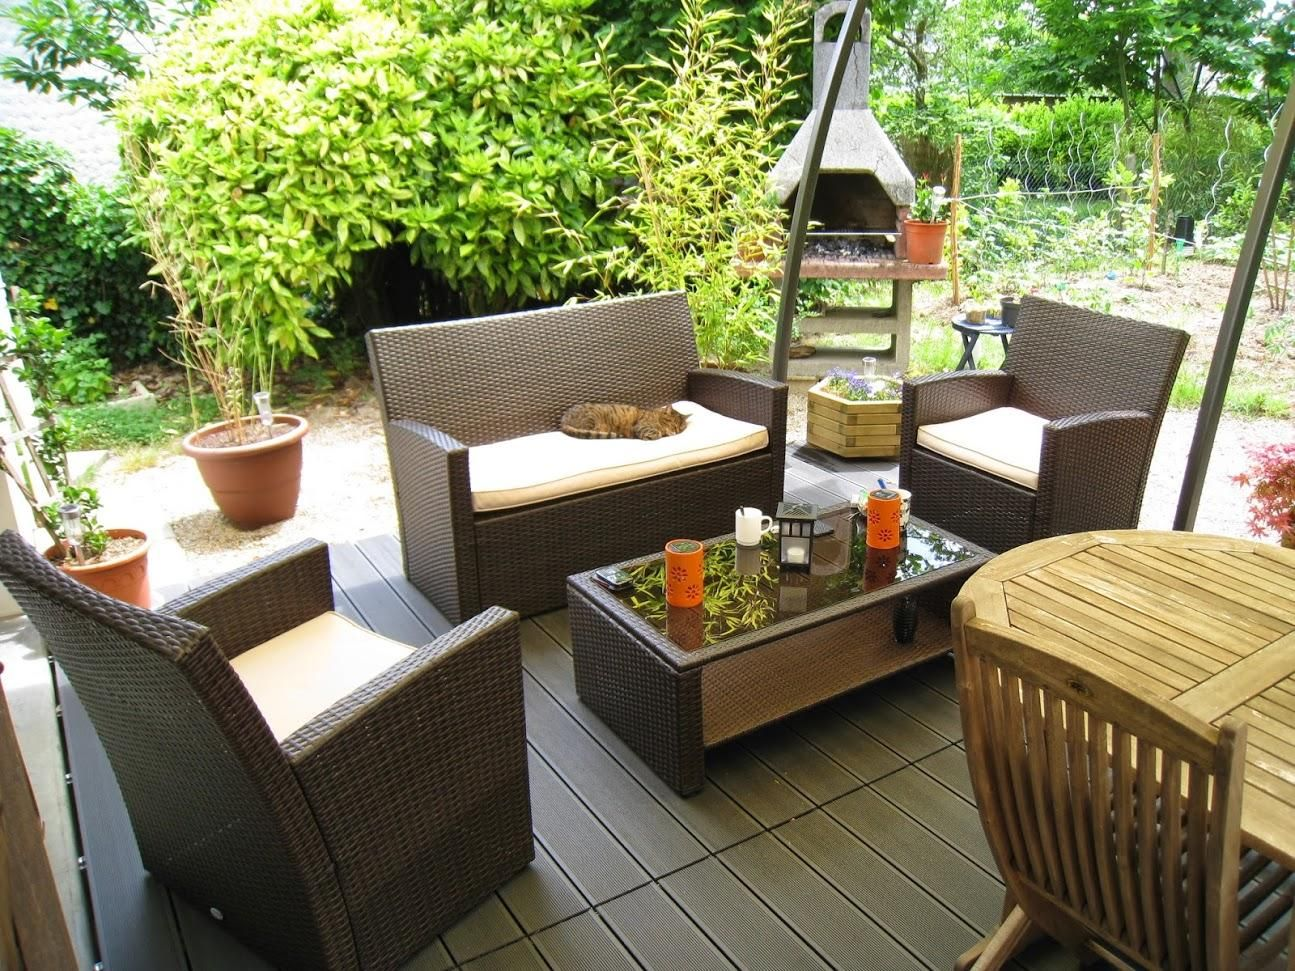 Comment nettoyer son mobilier de jardin en résine - Jardin et Maison